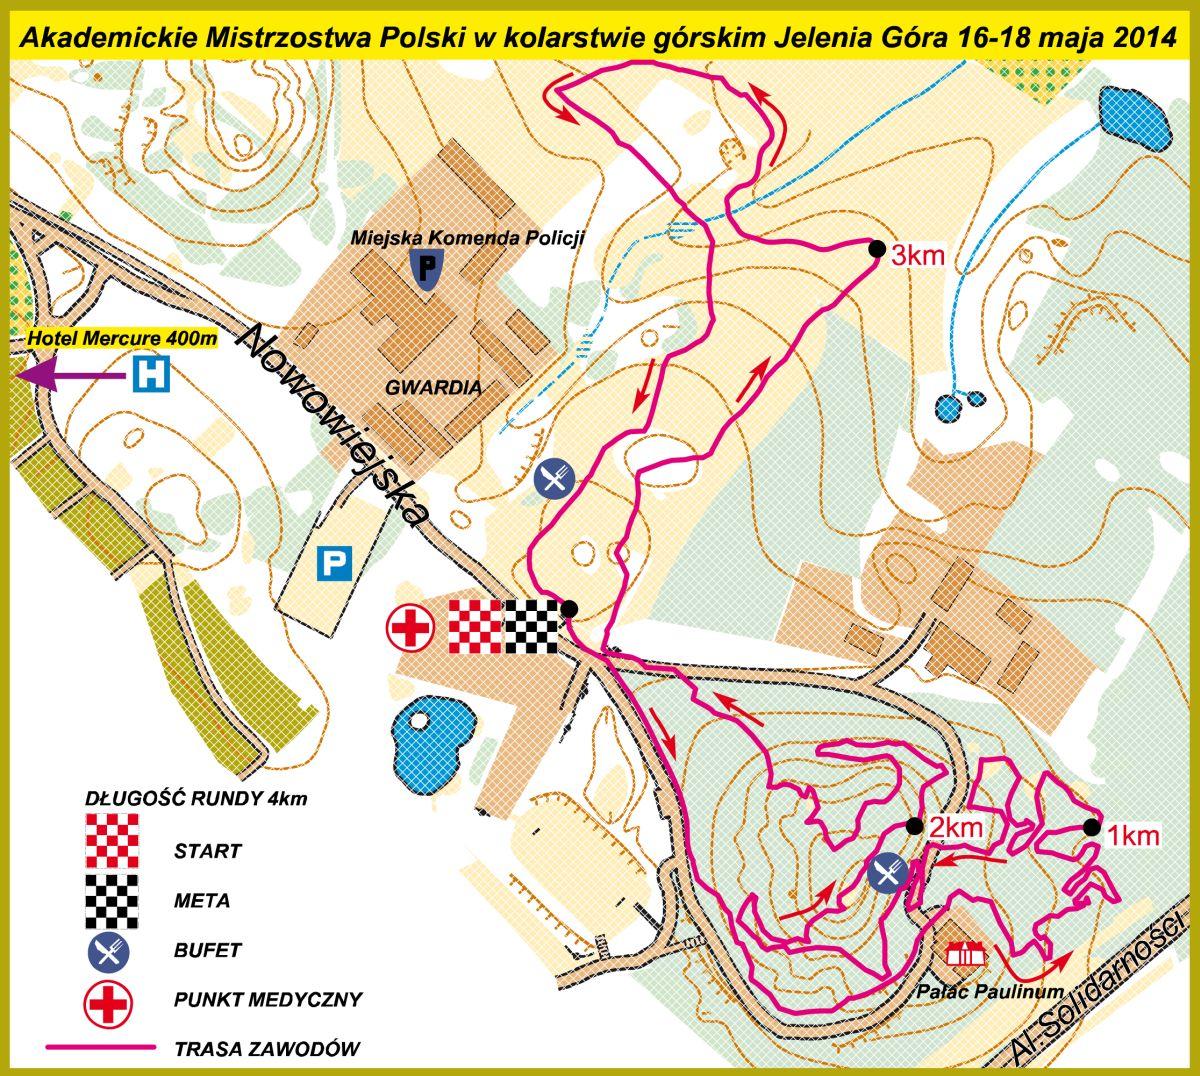 Mapa Akademickich Mistrzostw Polski w kolarstwie górskim